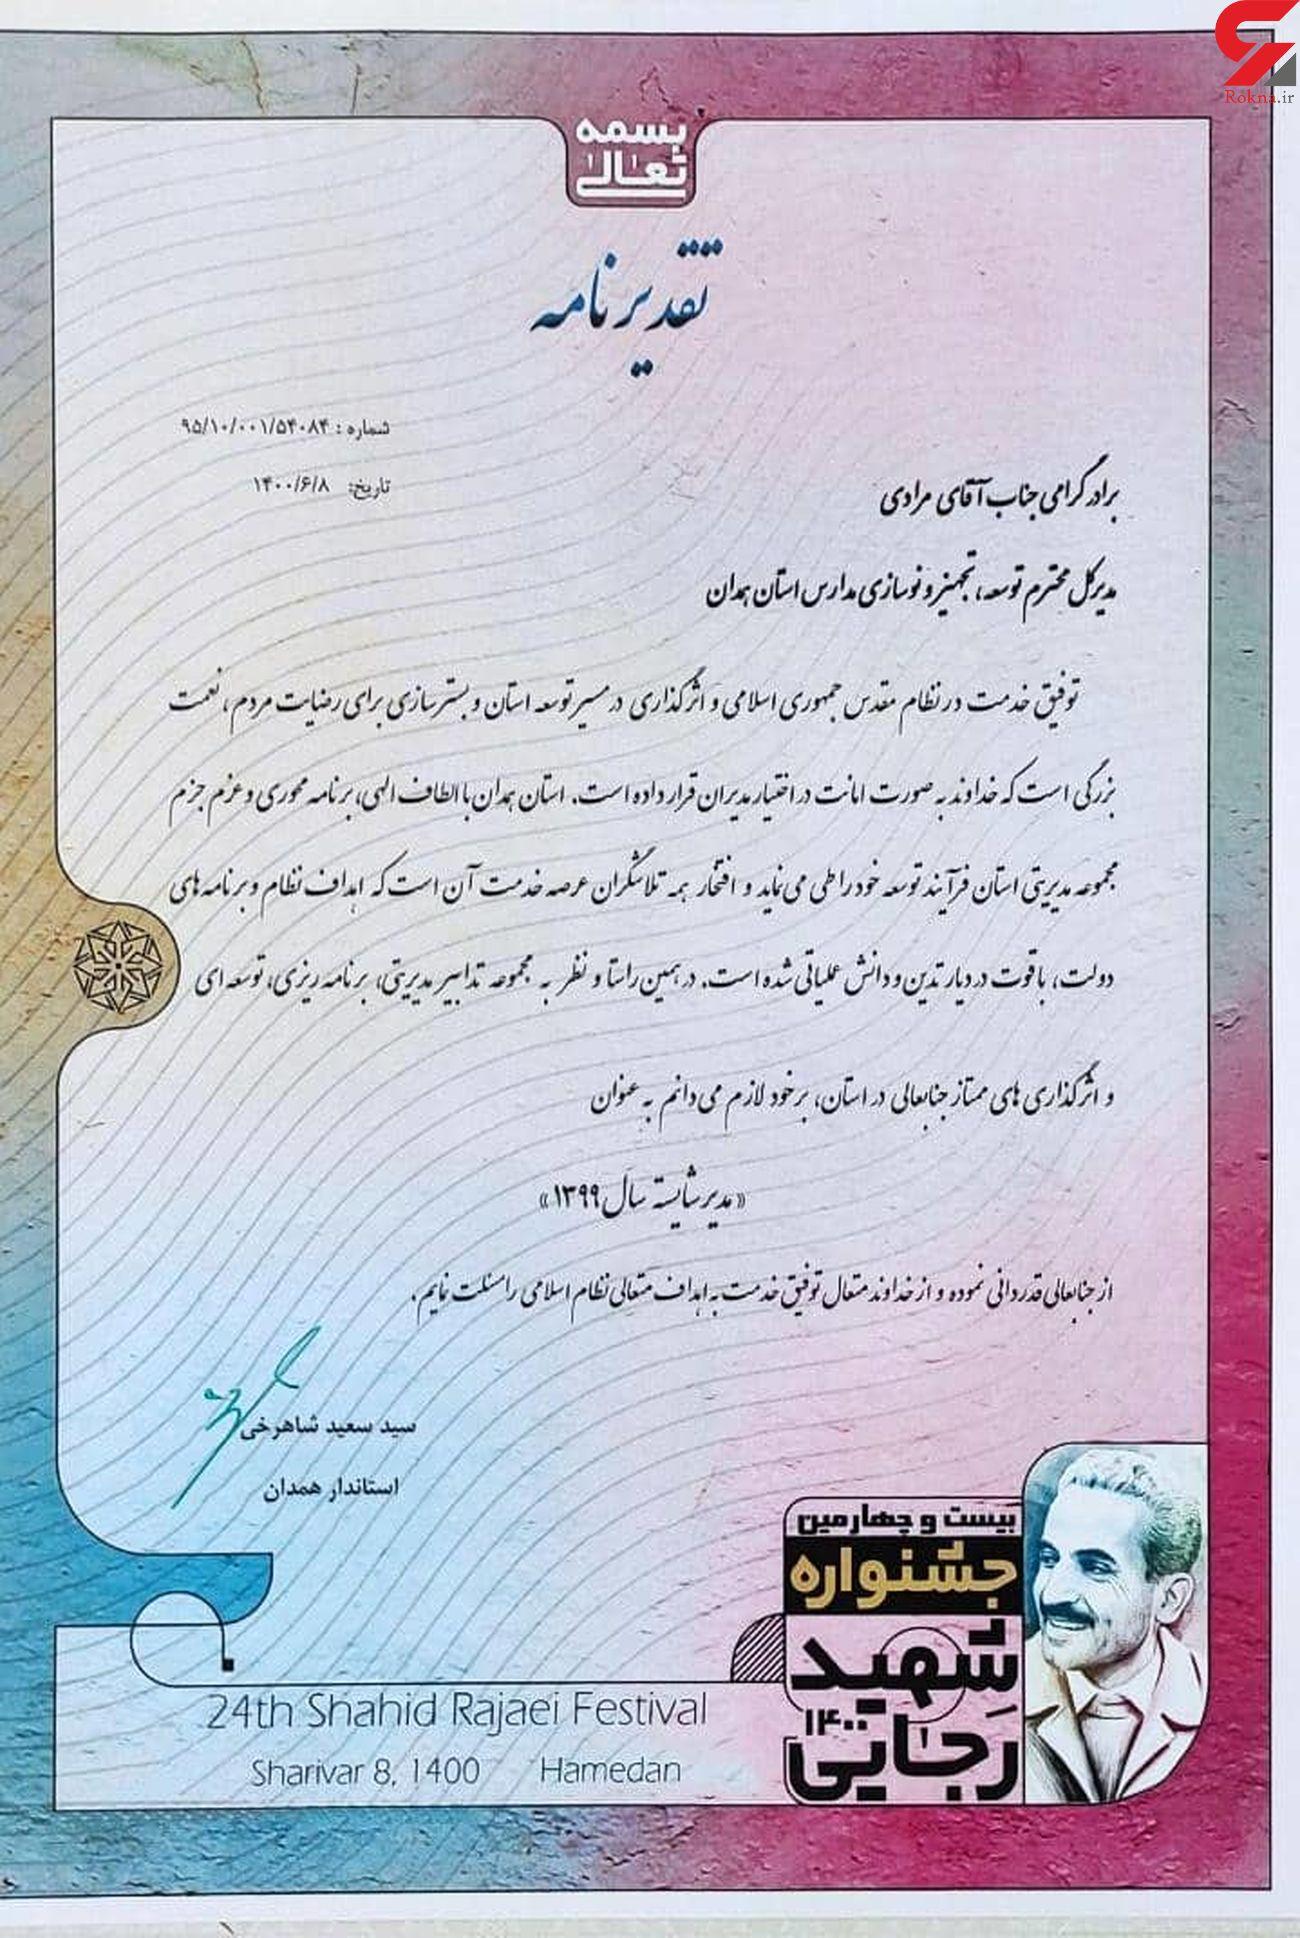 مدیر کل نوسازی مدارس استان همدان بعنوان مدیر شایسته سال ۹۹ انتخاب شد